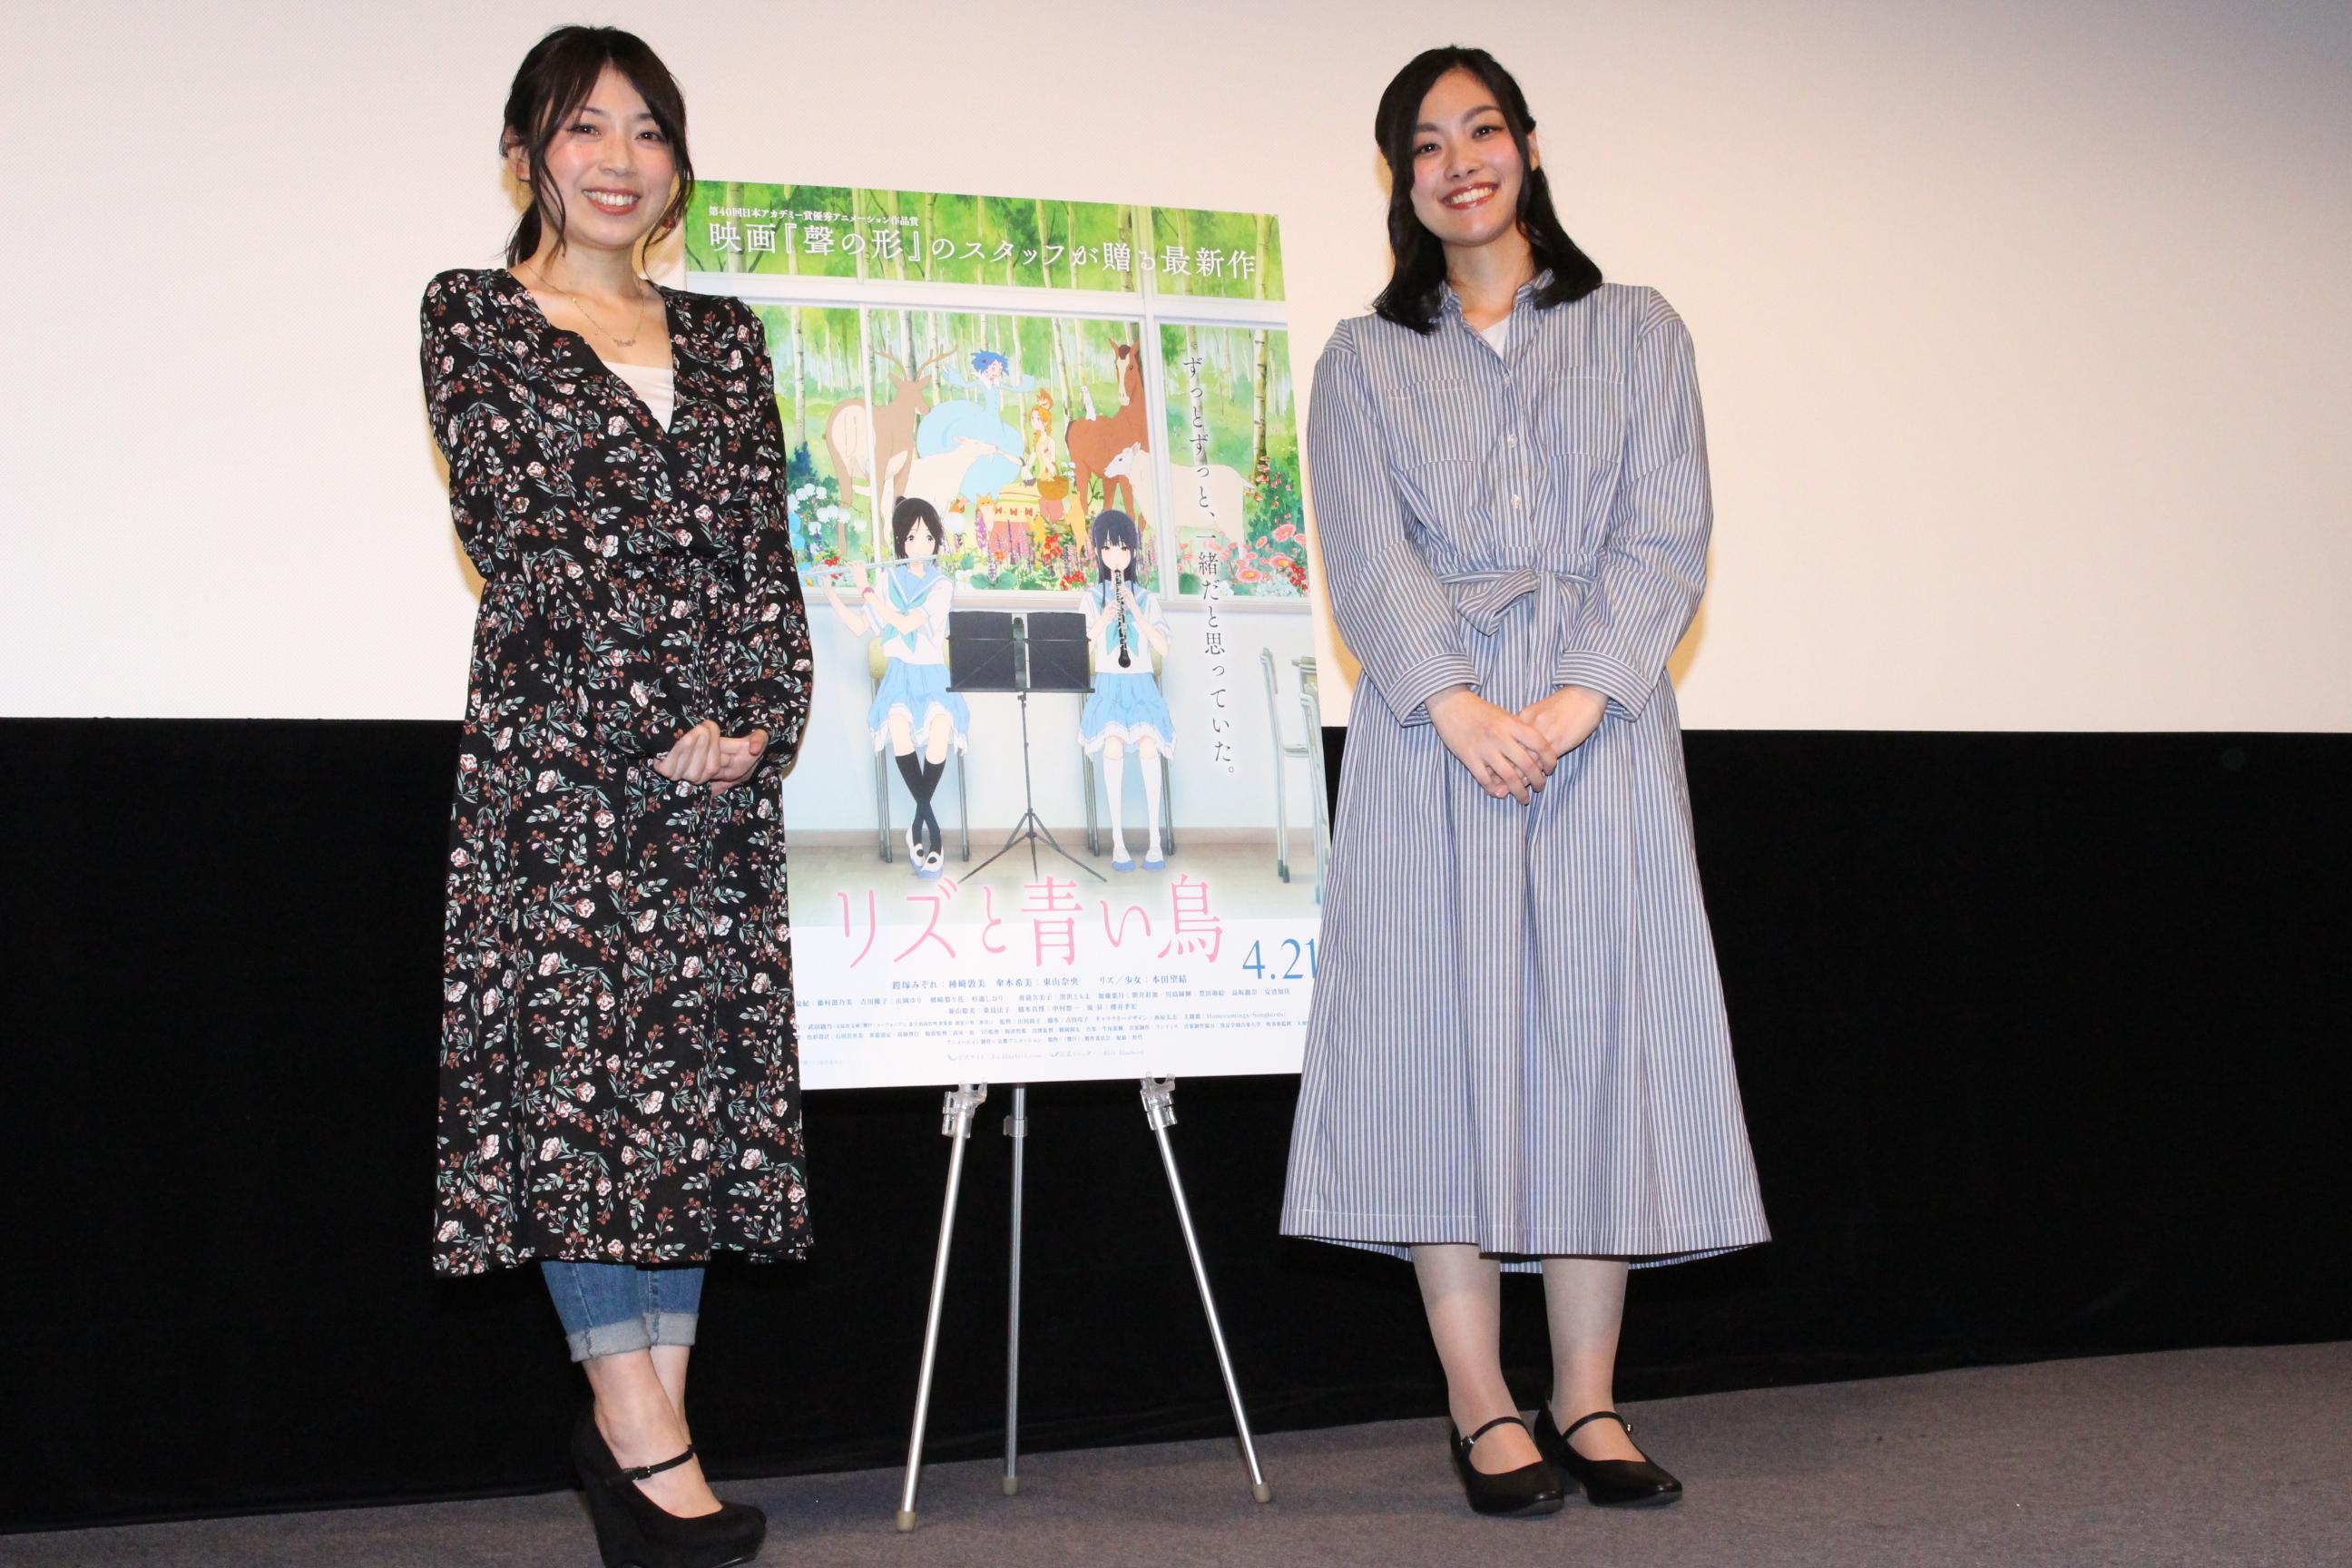 映画『リズと青い鳥』の特別トークイベントをレポート!